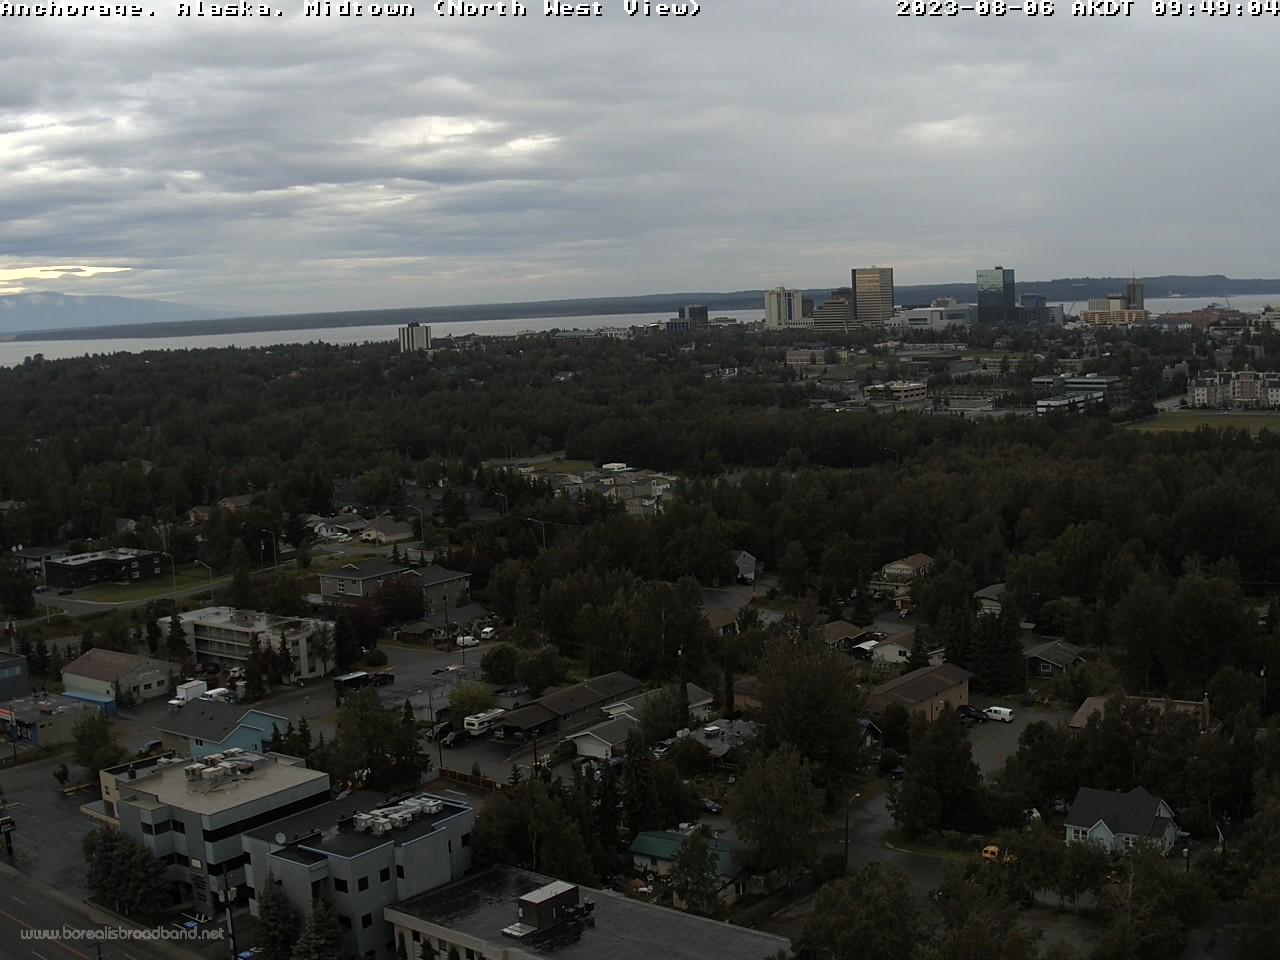 Anchorage, Alaska Fri. 09:49